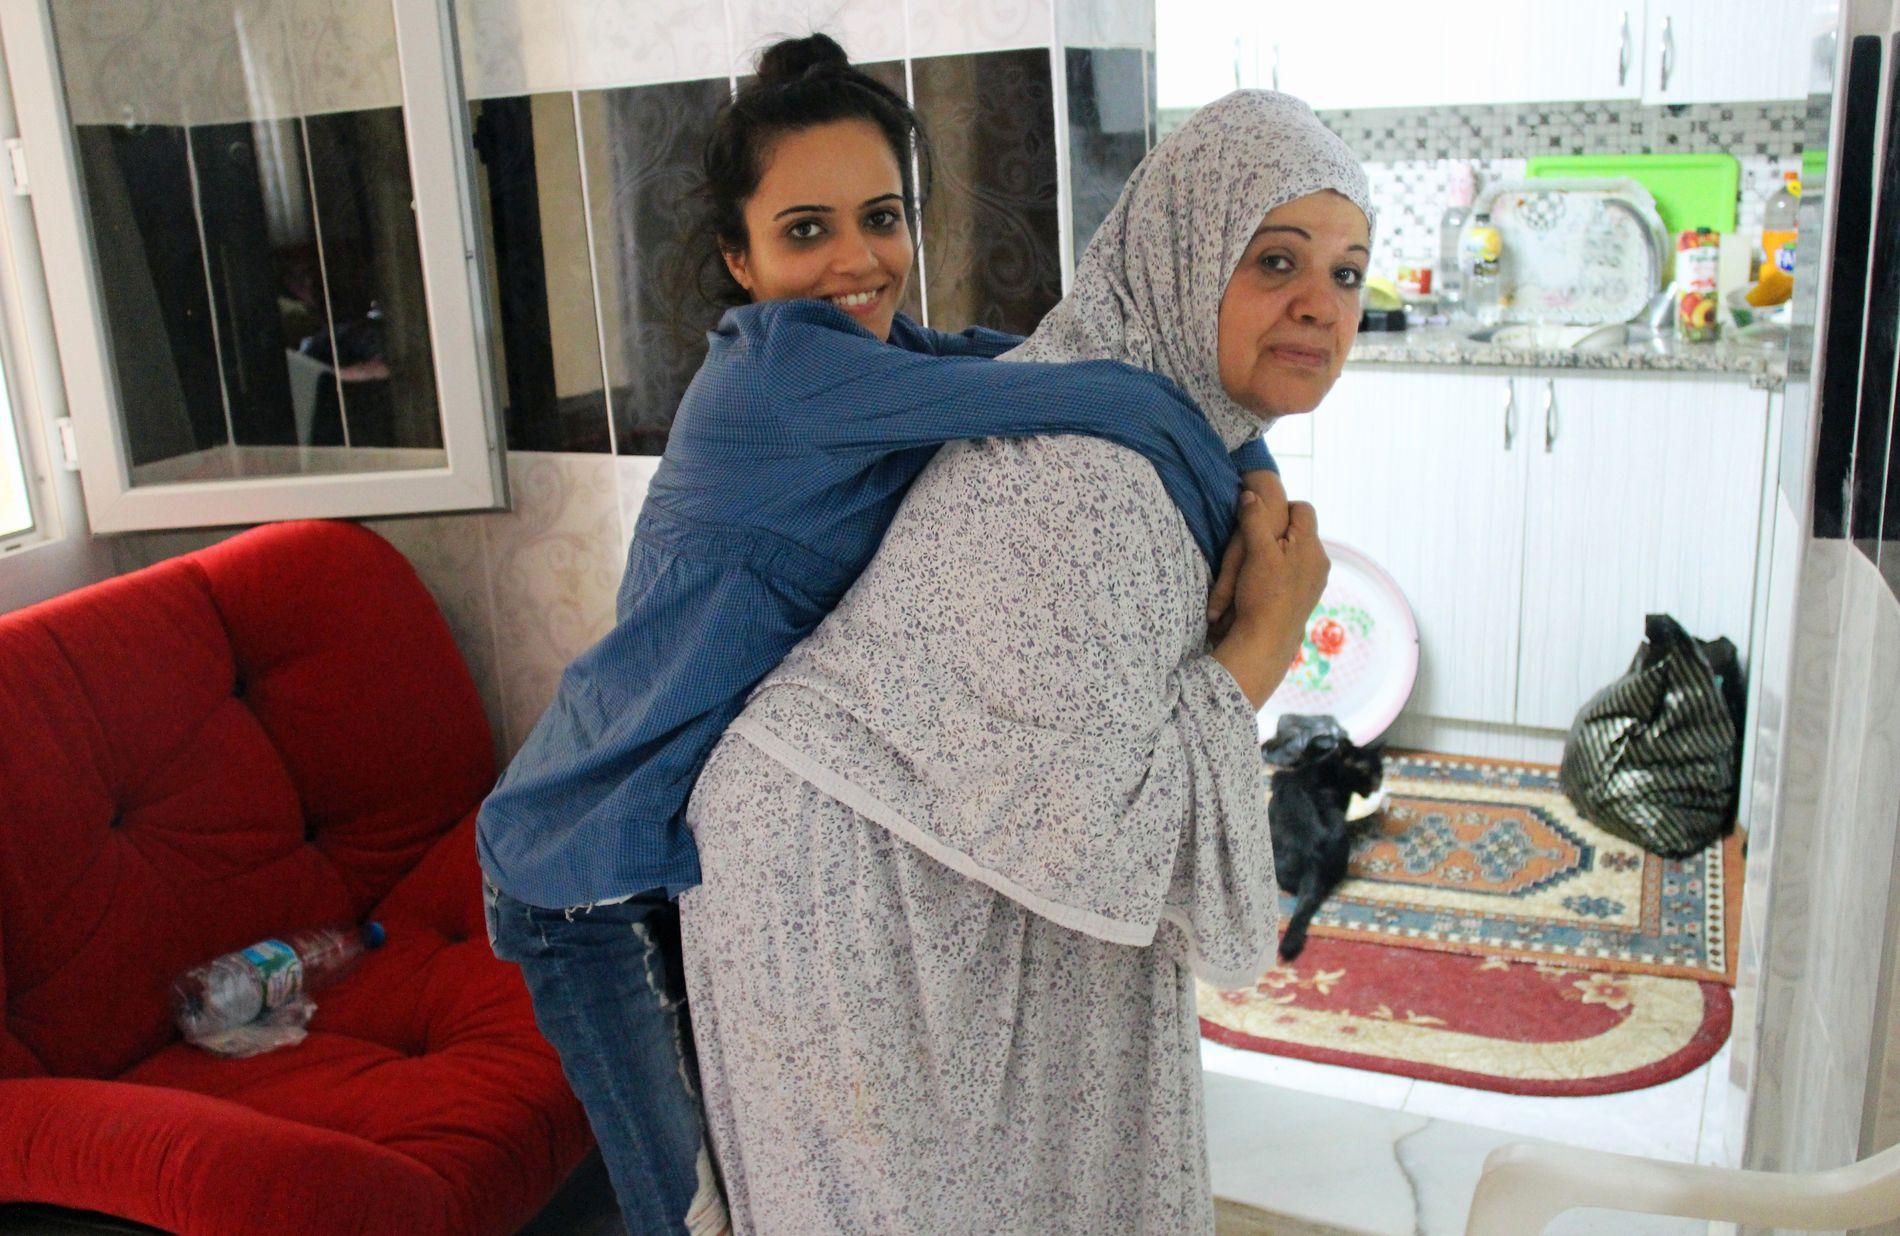 MÅ BÆRES: Moren Amal (65) forteller at hun snart er for gammel til å ta seg av Noor, og har sagt ifra til FN at datteren kan reise uten henne dersom de finner et mottagerland.